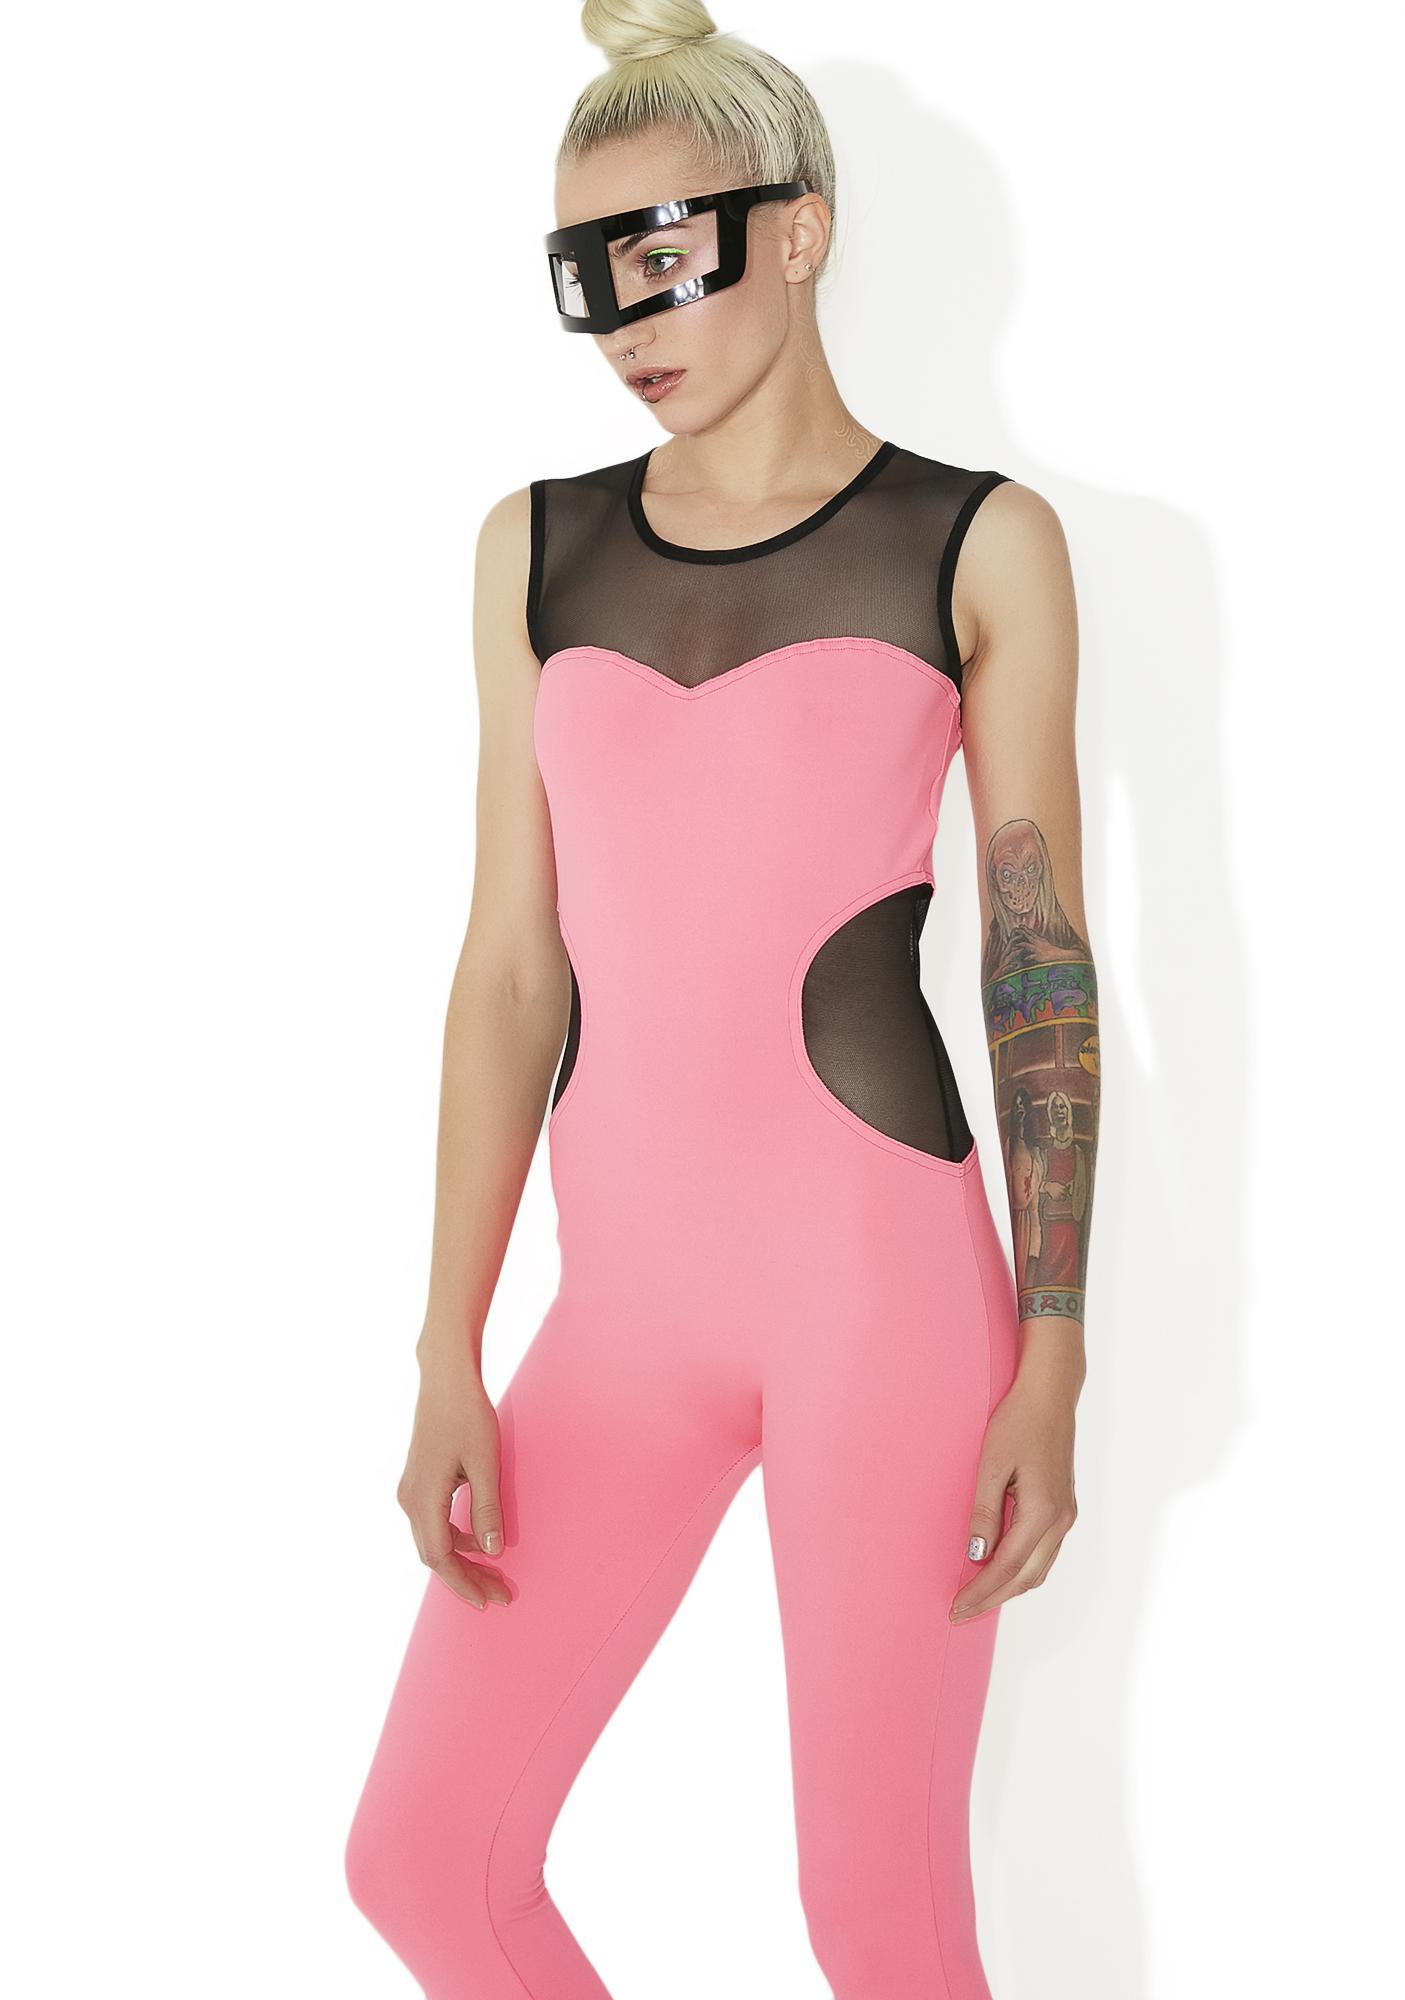 Cyberdog Teaser Bodysuit